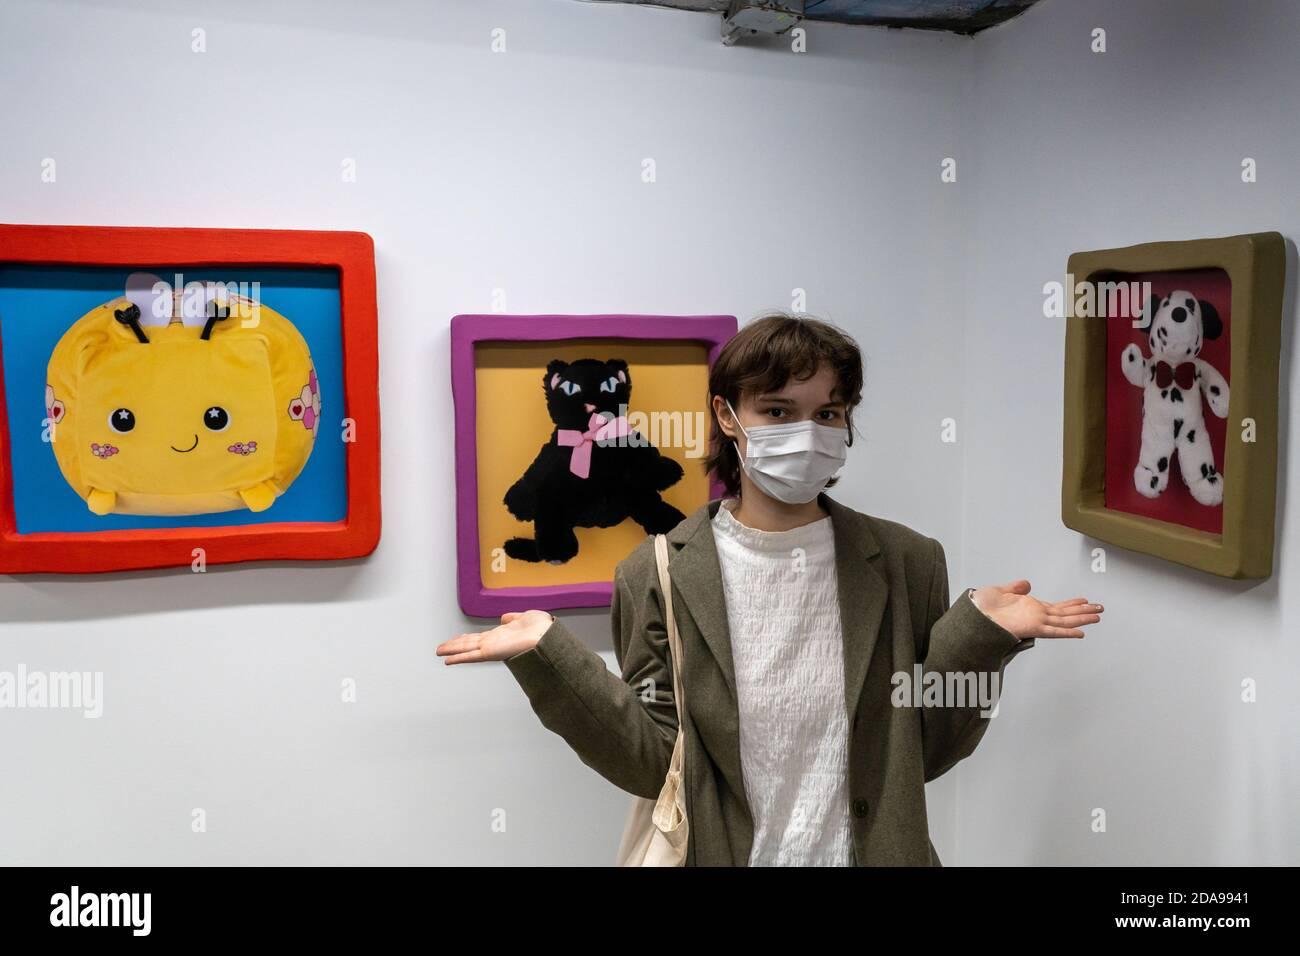 NEW YORK, NY - 11 NOVEMBRE 2020: L'artista Stefany Lazar partecipa al suo show 'Suffed Animals and Princess Peach' alla Love gallery di New York City. Foto Stock